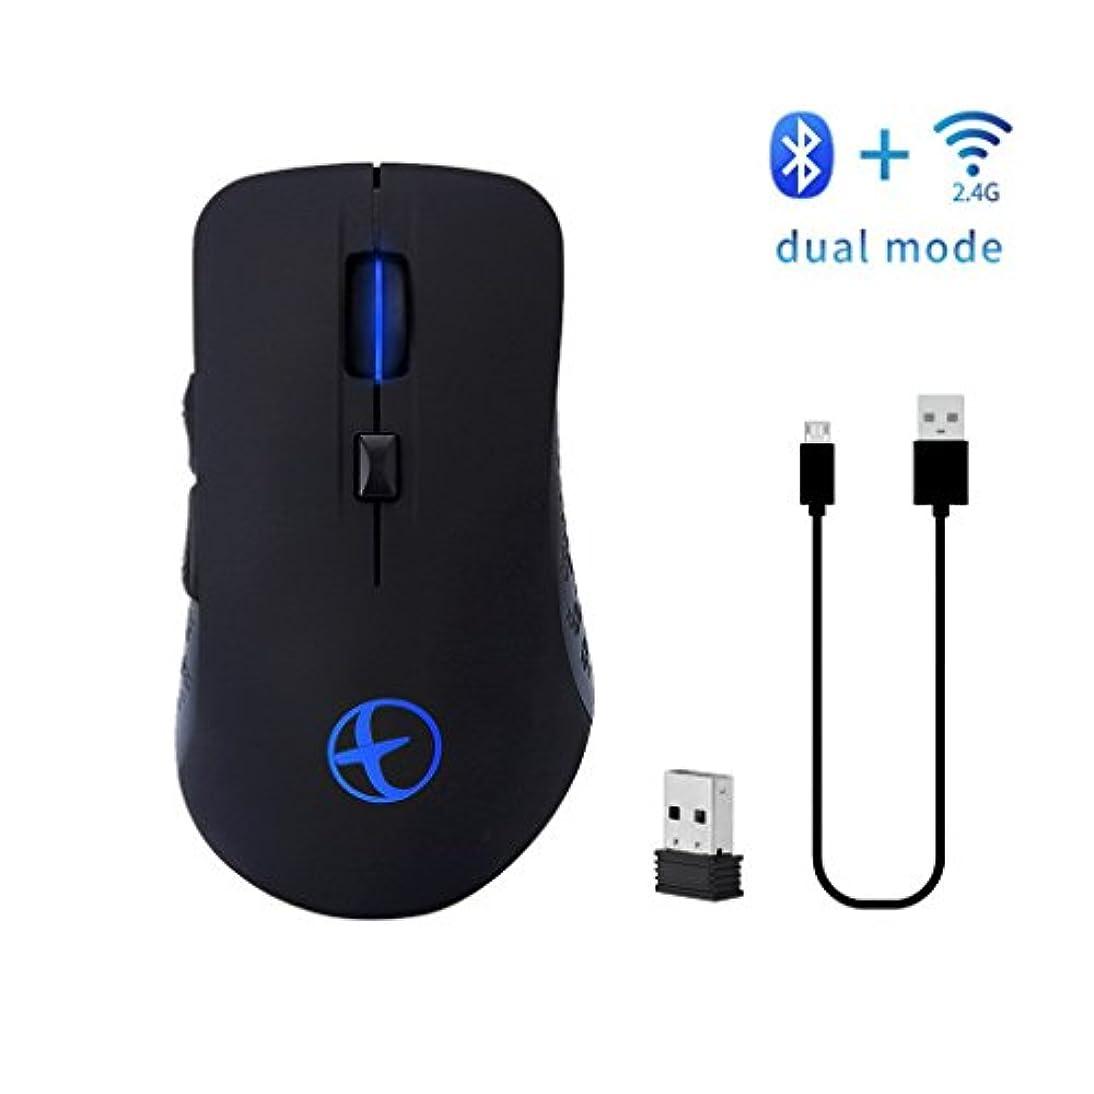 運賃賛美歌チームFlying Hedwig マウスワイヤレス RF2.4G無線マウス Bluetooth 4.0 2WAY兼用マウス LEDライト付き Windows Me/2000/XP/Vistaに適用